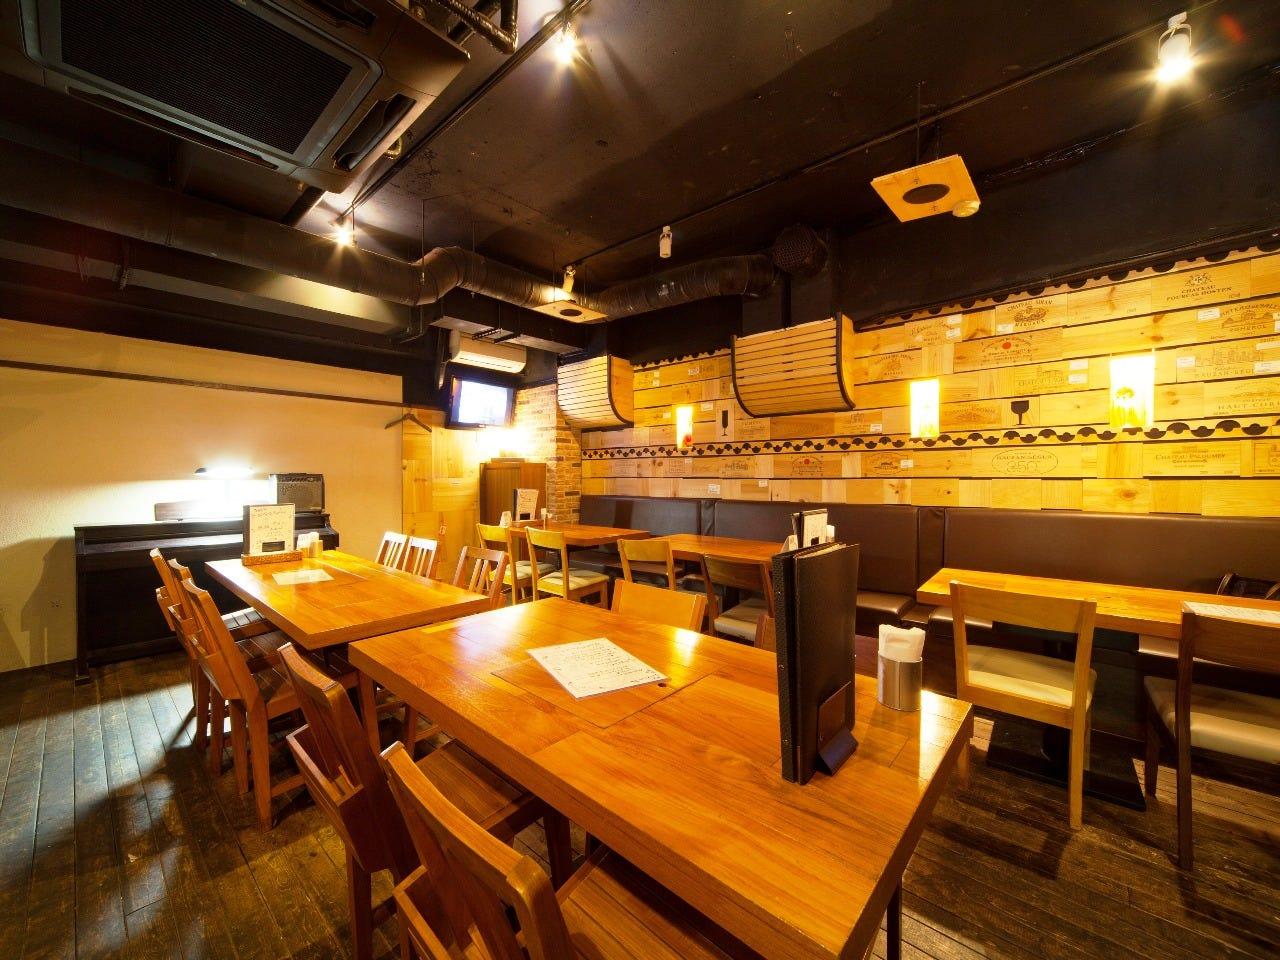 静かで落ち着いたテーブル席は32席 貸切も承っております。